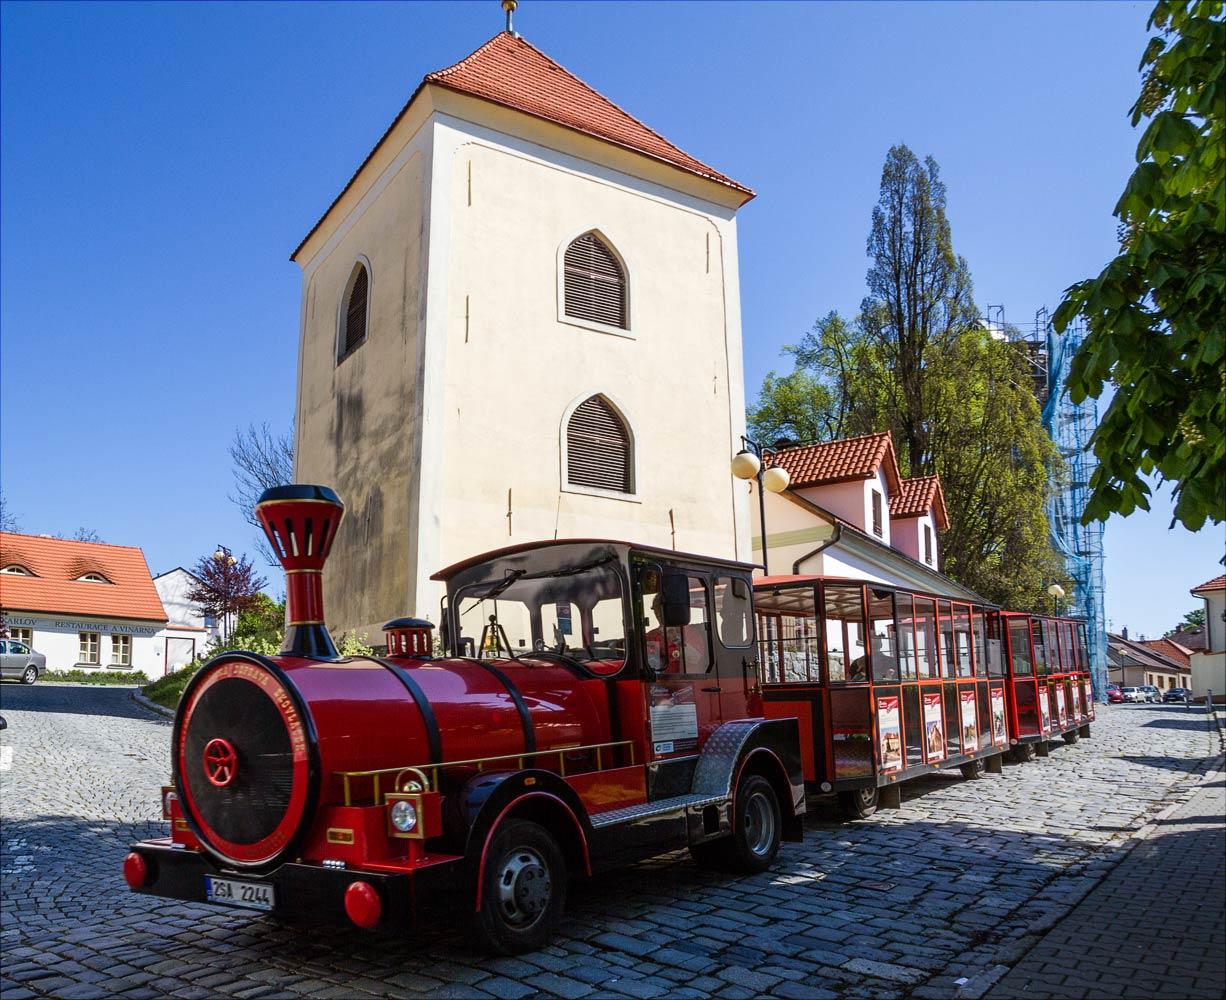 Туристский паровозик в Бенешове